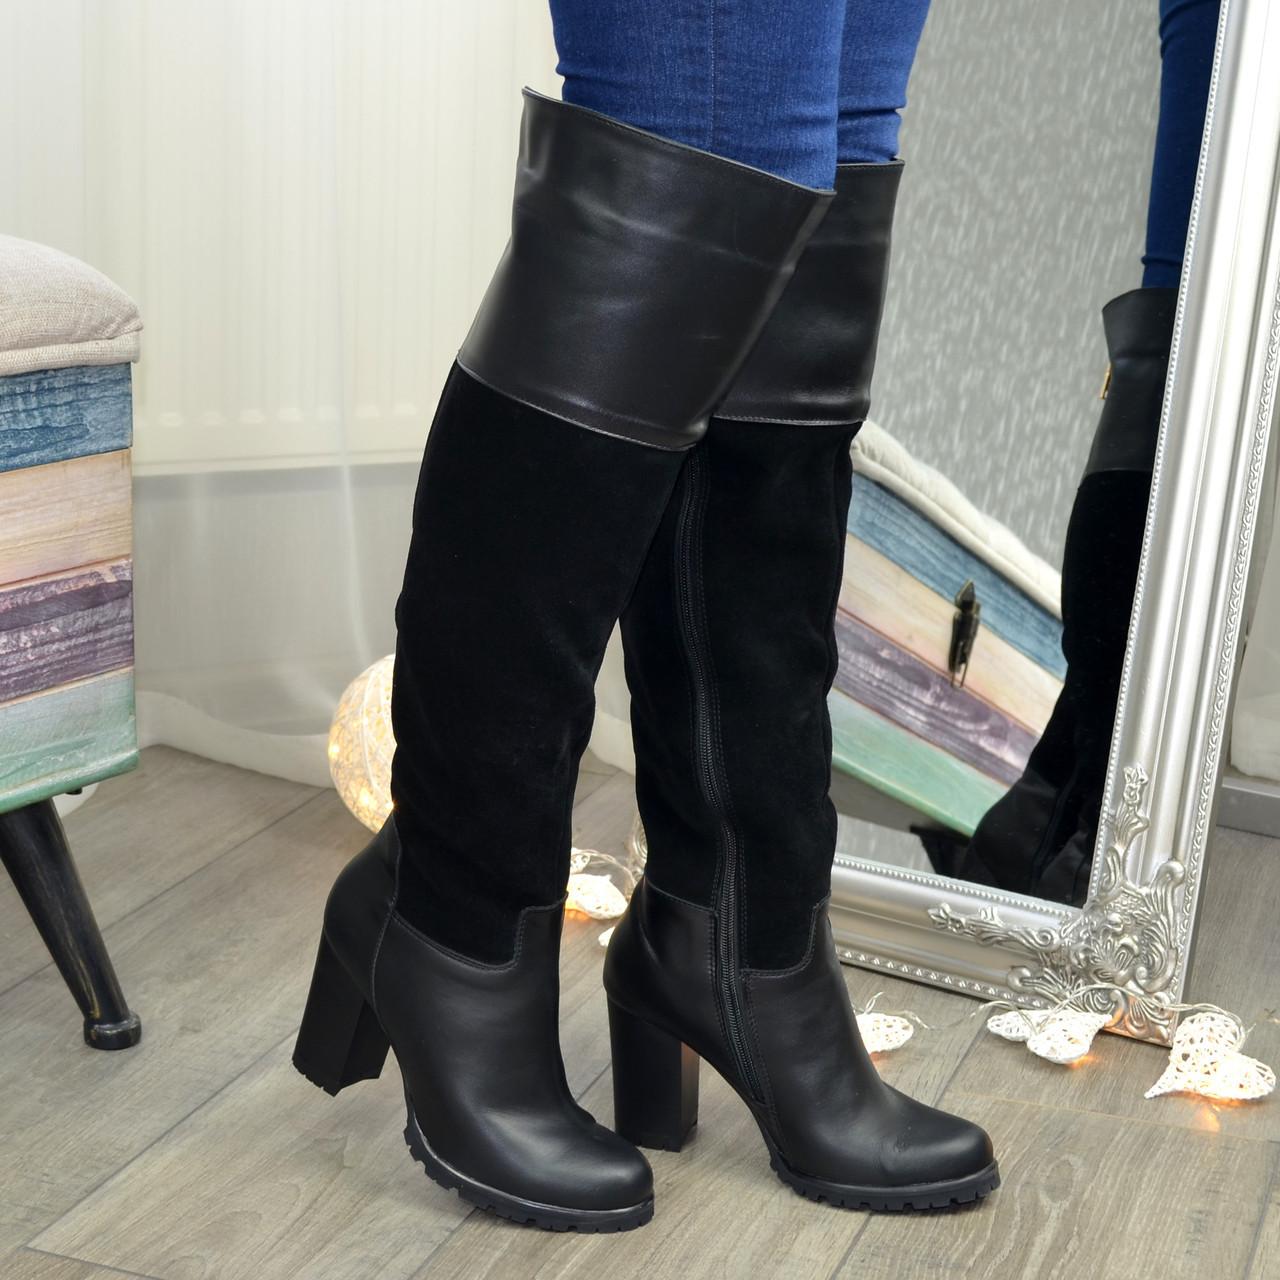 Ботфорты женские зимние на каблуке, 37 размер